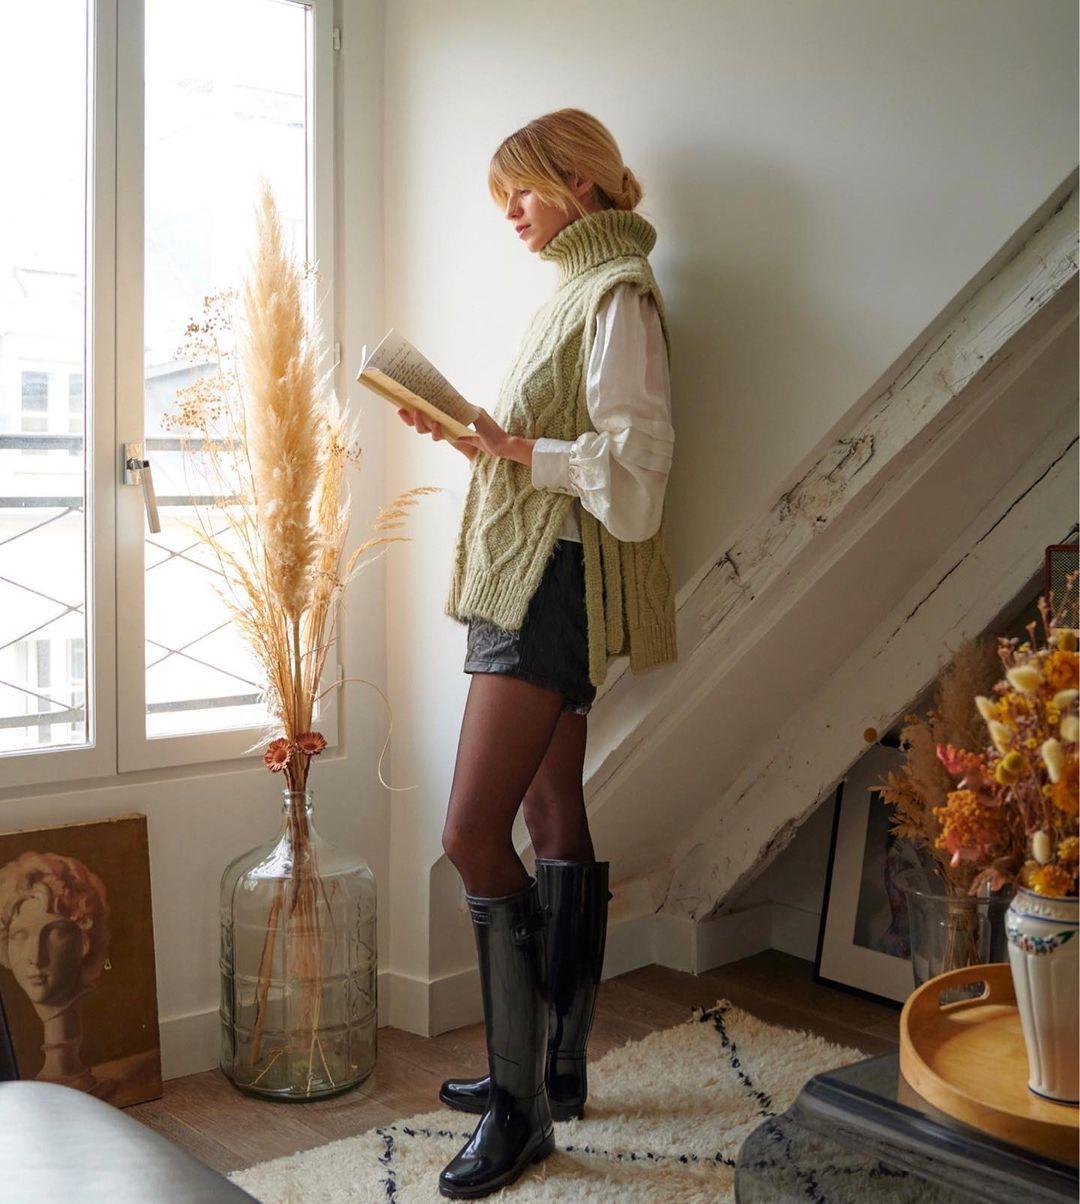 Mix & Phối - Gái Pháp thích diện nhất 4 mẫu áo len sau, học theo thì bạn sẽ mặc đẹp và sang tròn 100 điểm - chanvaydep.net 4